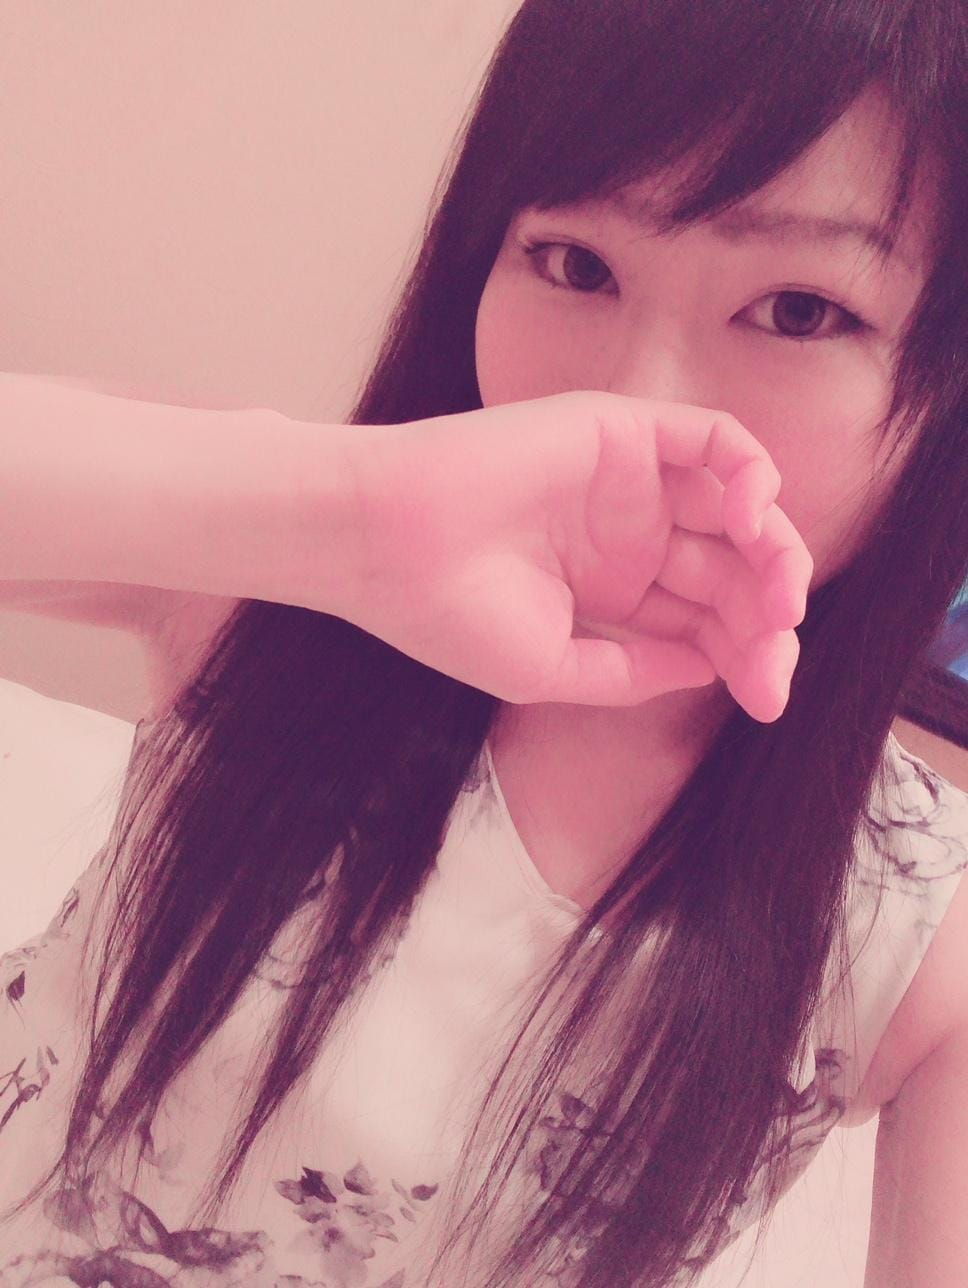 「♡お礼♡」08/20(月) 23:27 | りょうの写メ・風俗動画